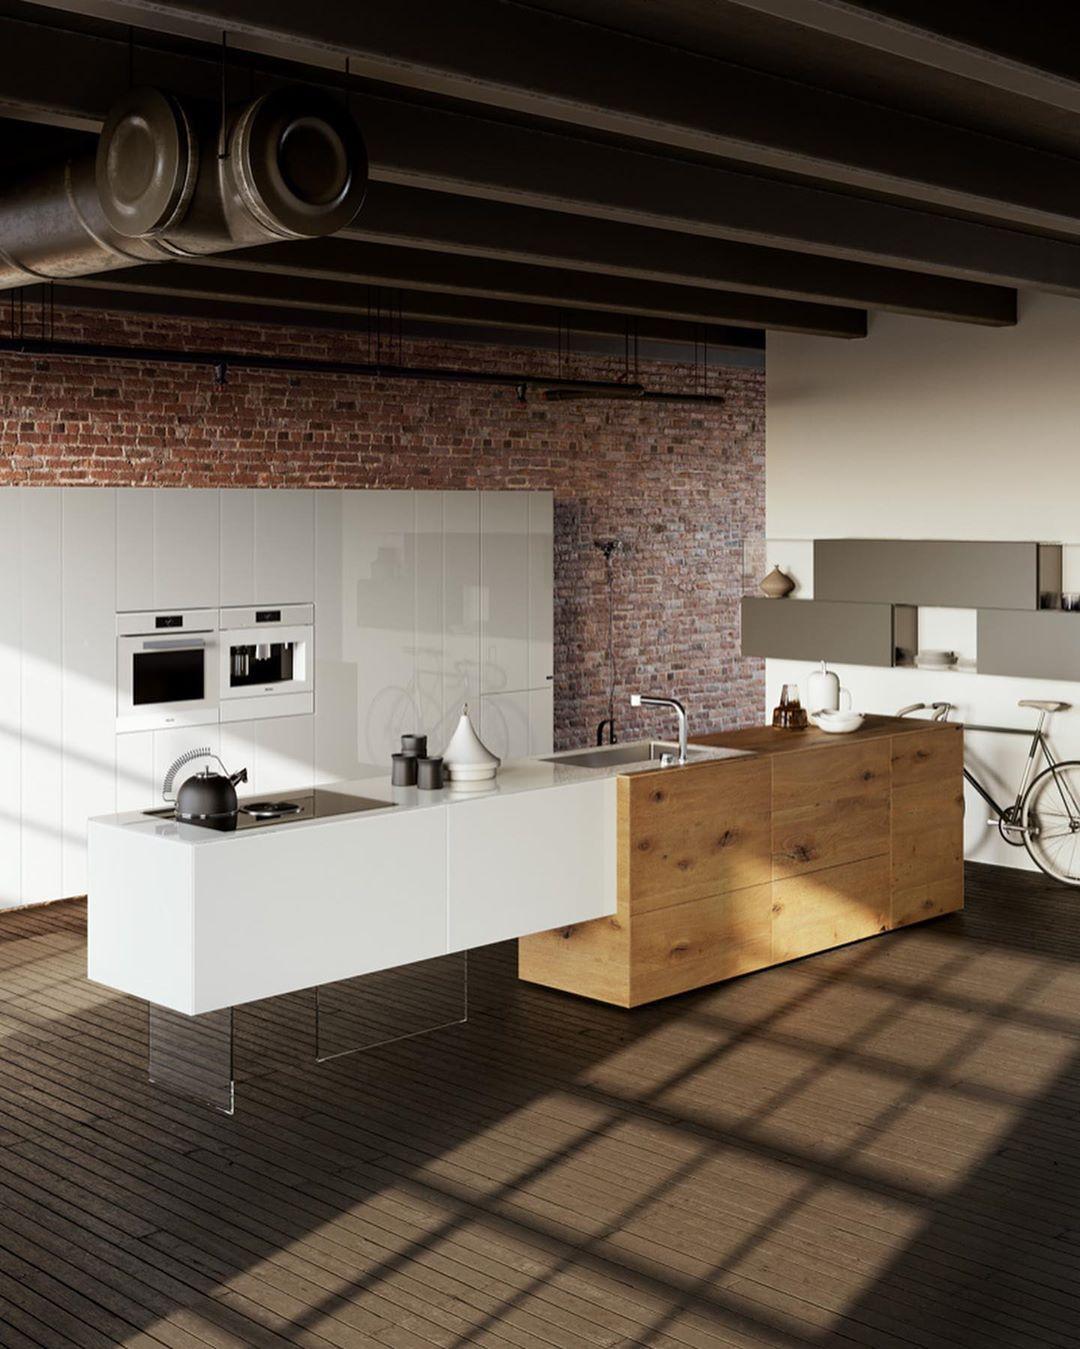 Descubre muebles de diseño lago para amueblar tu casa 6